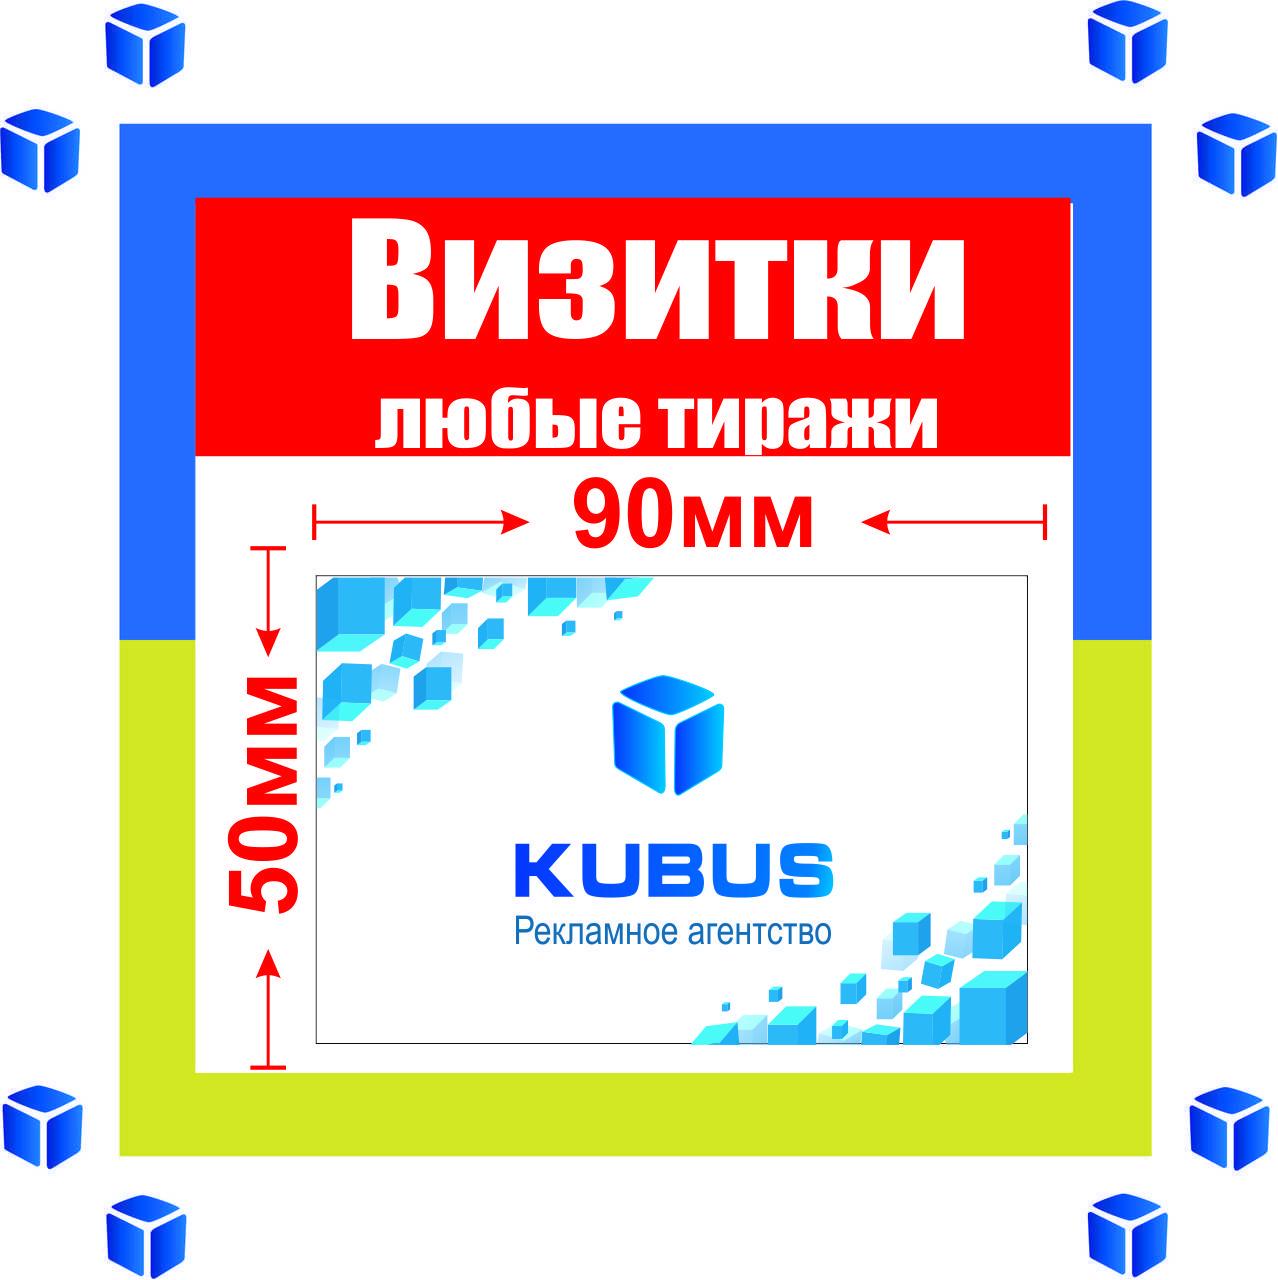 Визитки цветные двухсторонние 5000 шт (любые тиражи,глянцевая ламинация/ 3 дня )